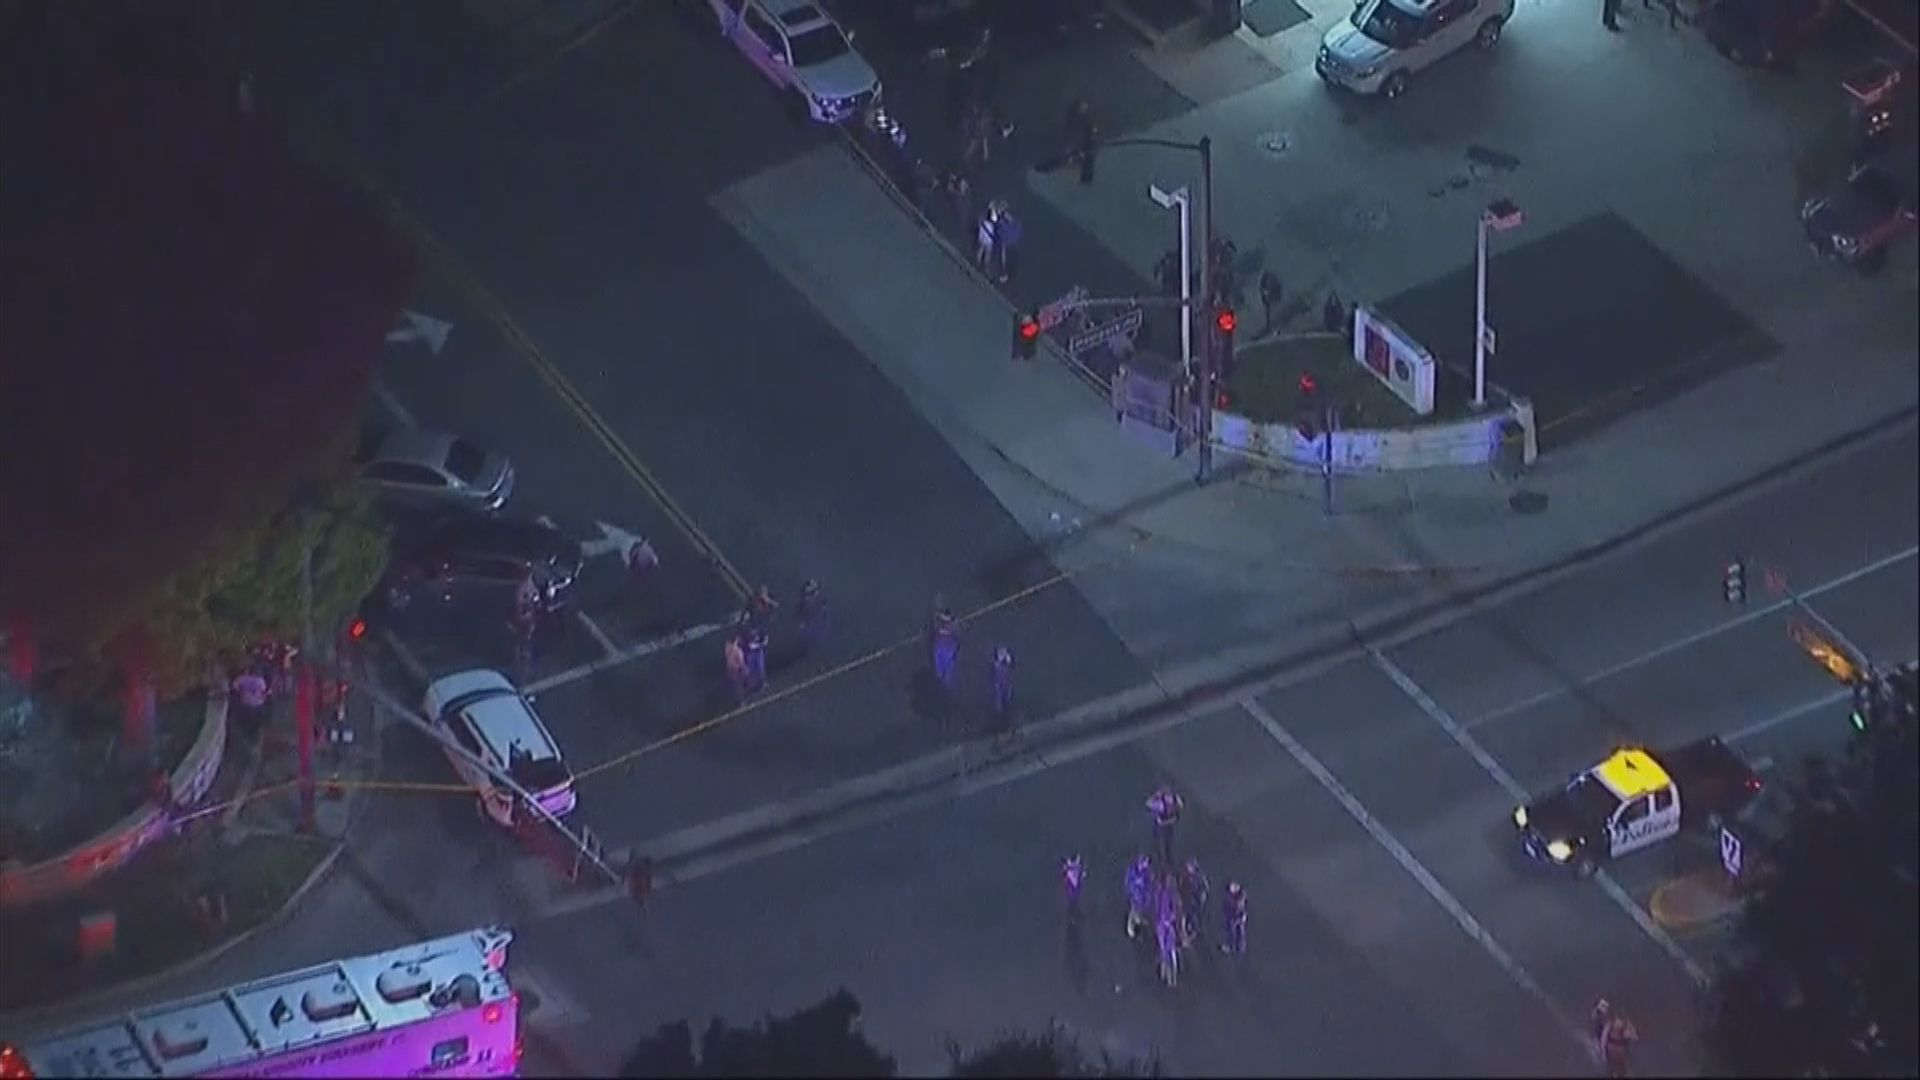 美國南加州酒吧槍擊案多人傷 槍手在逃